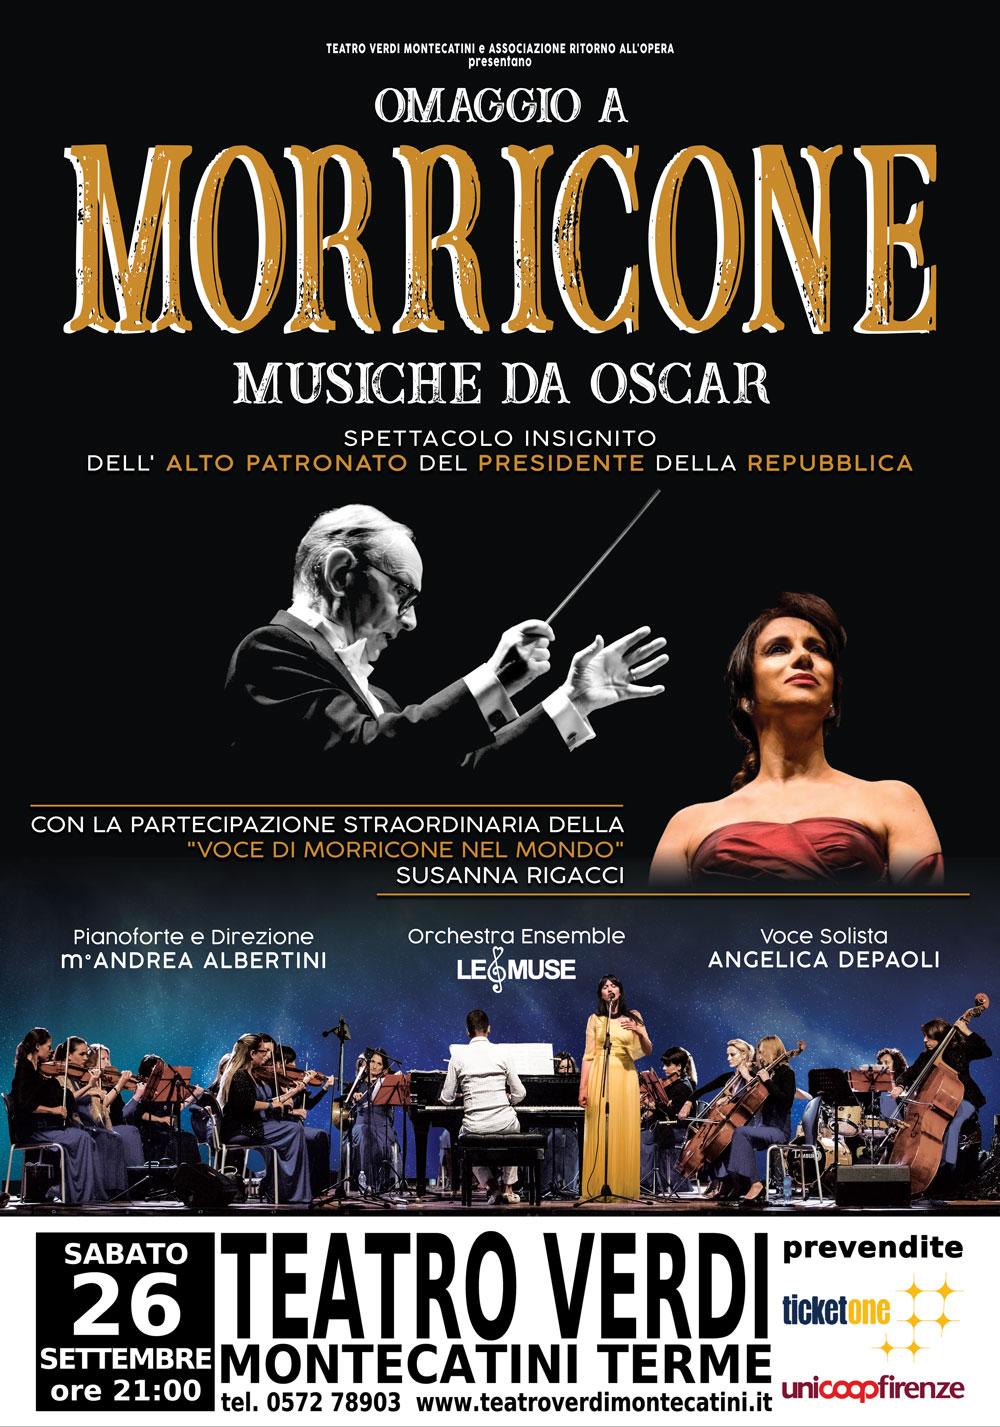 Omaggio_Morricone_conRigacci_2020